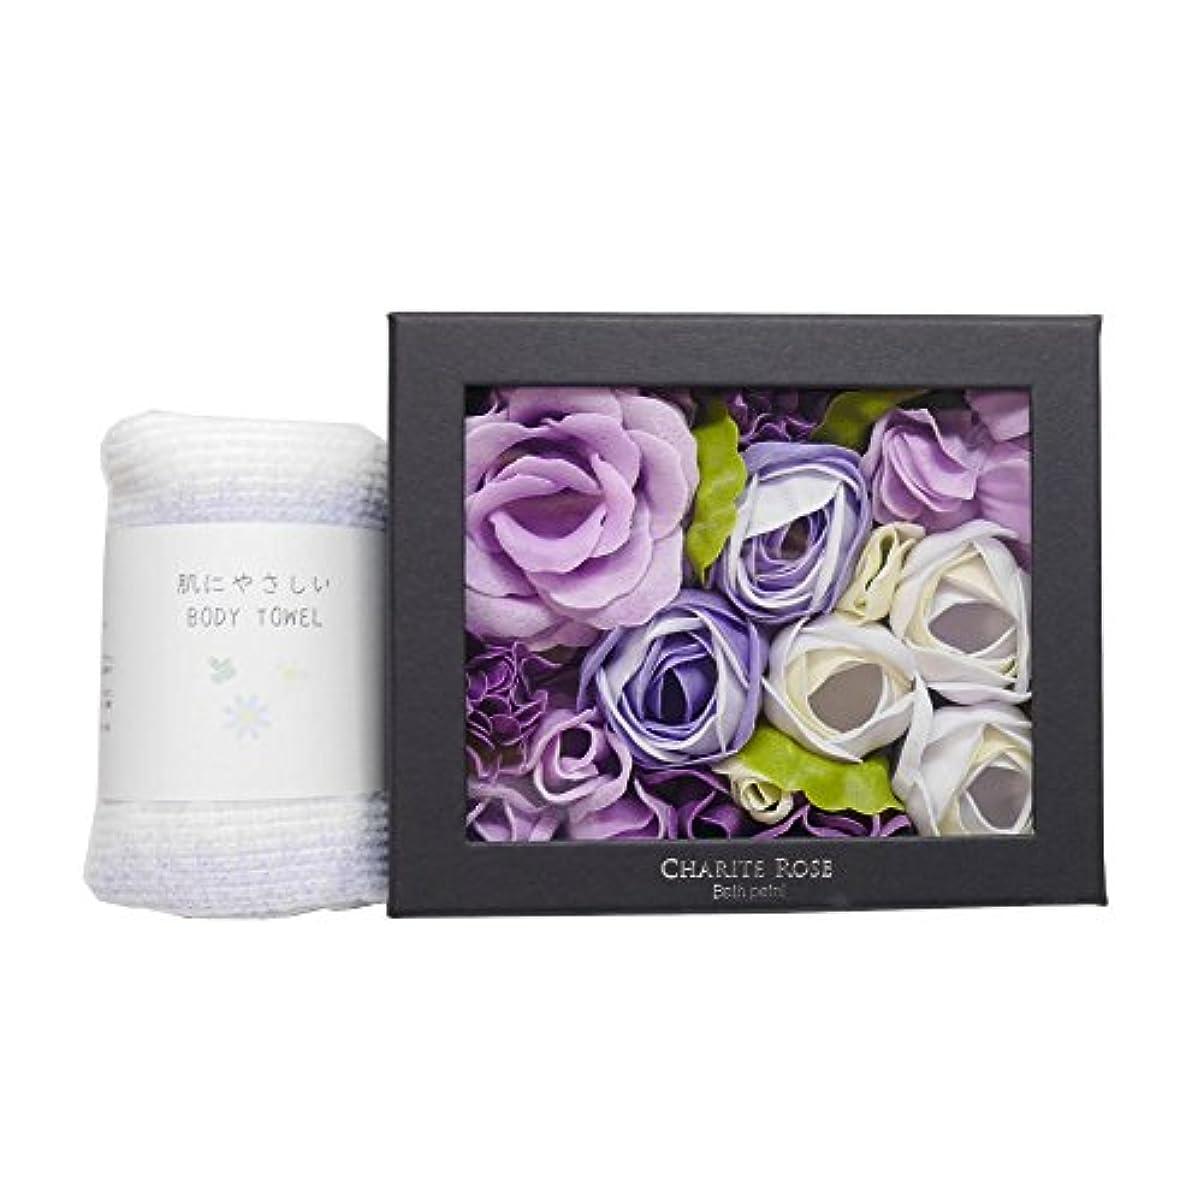 複製するドライブロマンチックローズ バスペタル ロマンスローズ パープル 紫 ボディタオル セット/バラ お花 入浴剤 母の日 お祝い 記念日 贈り物 プレゼント